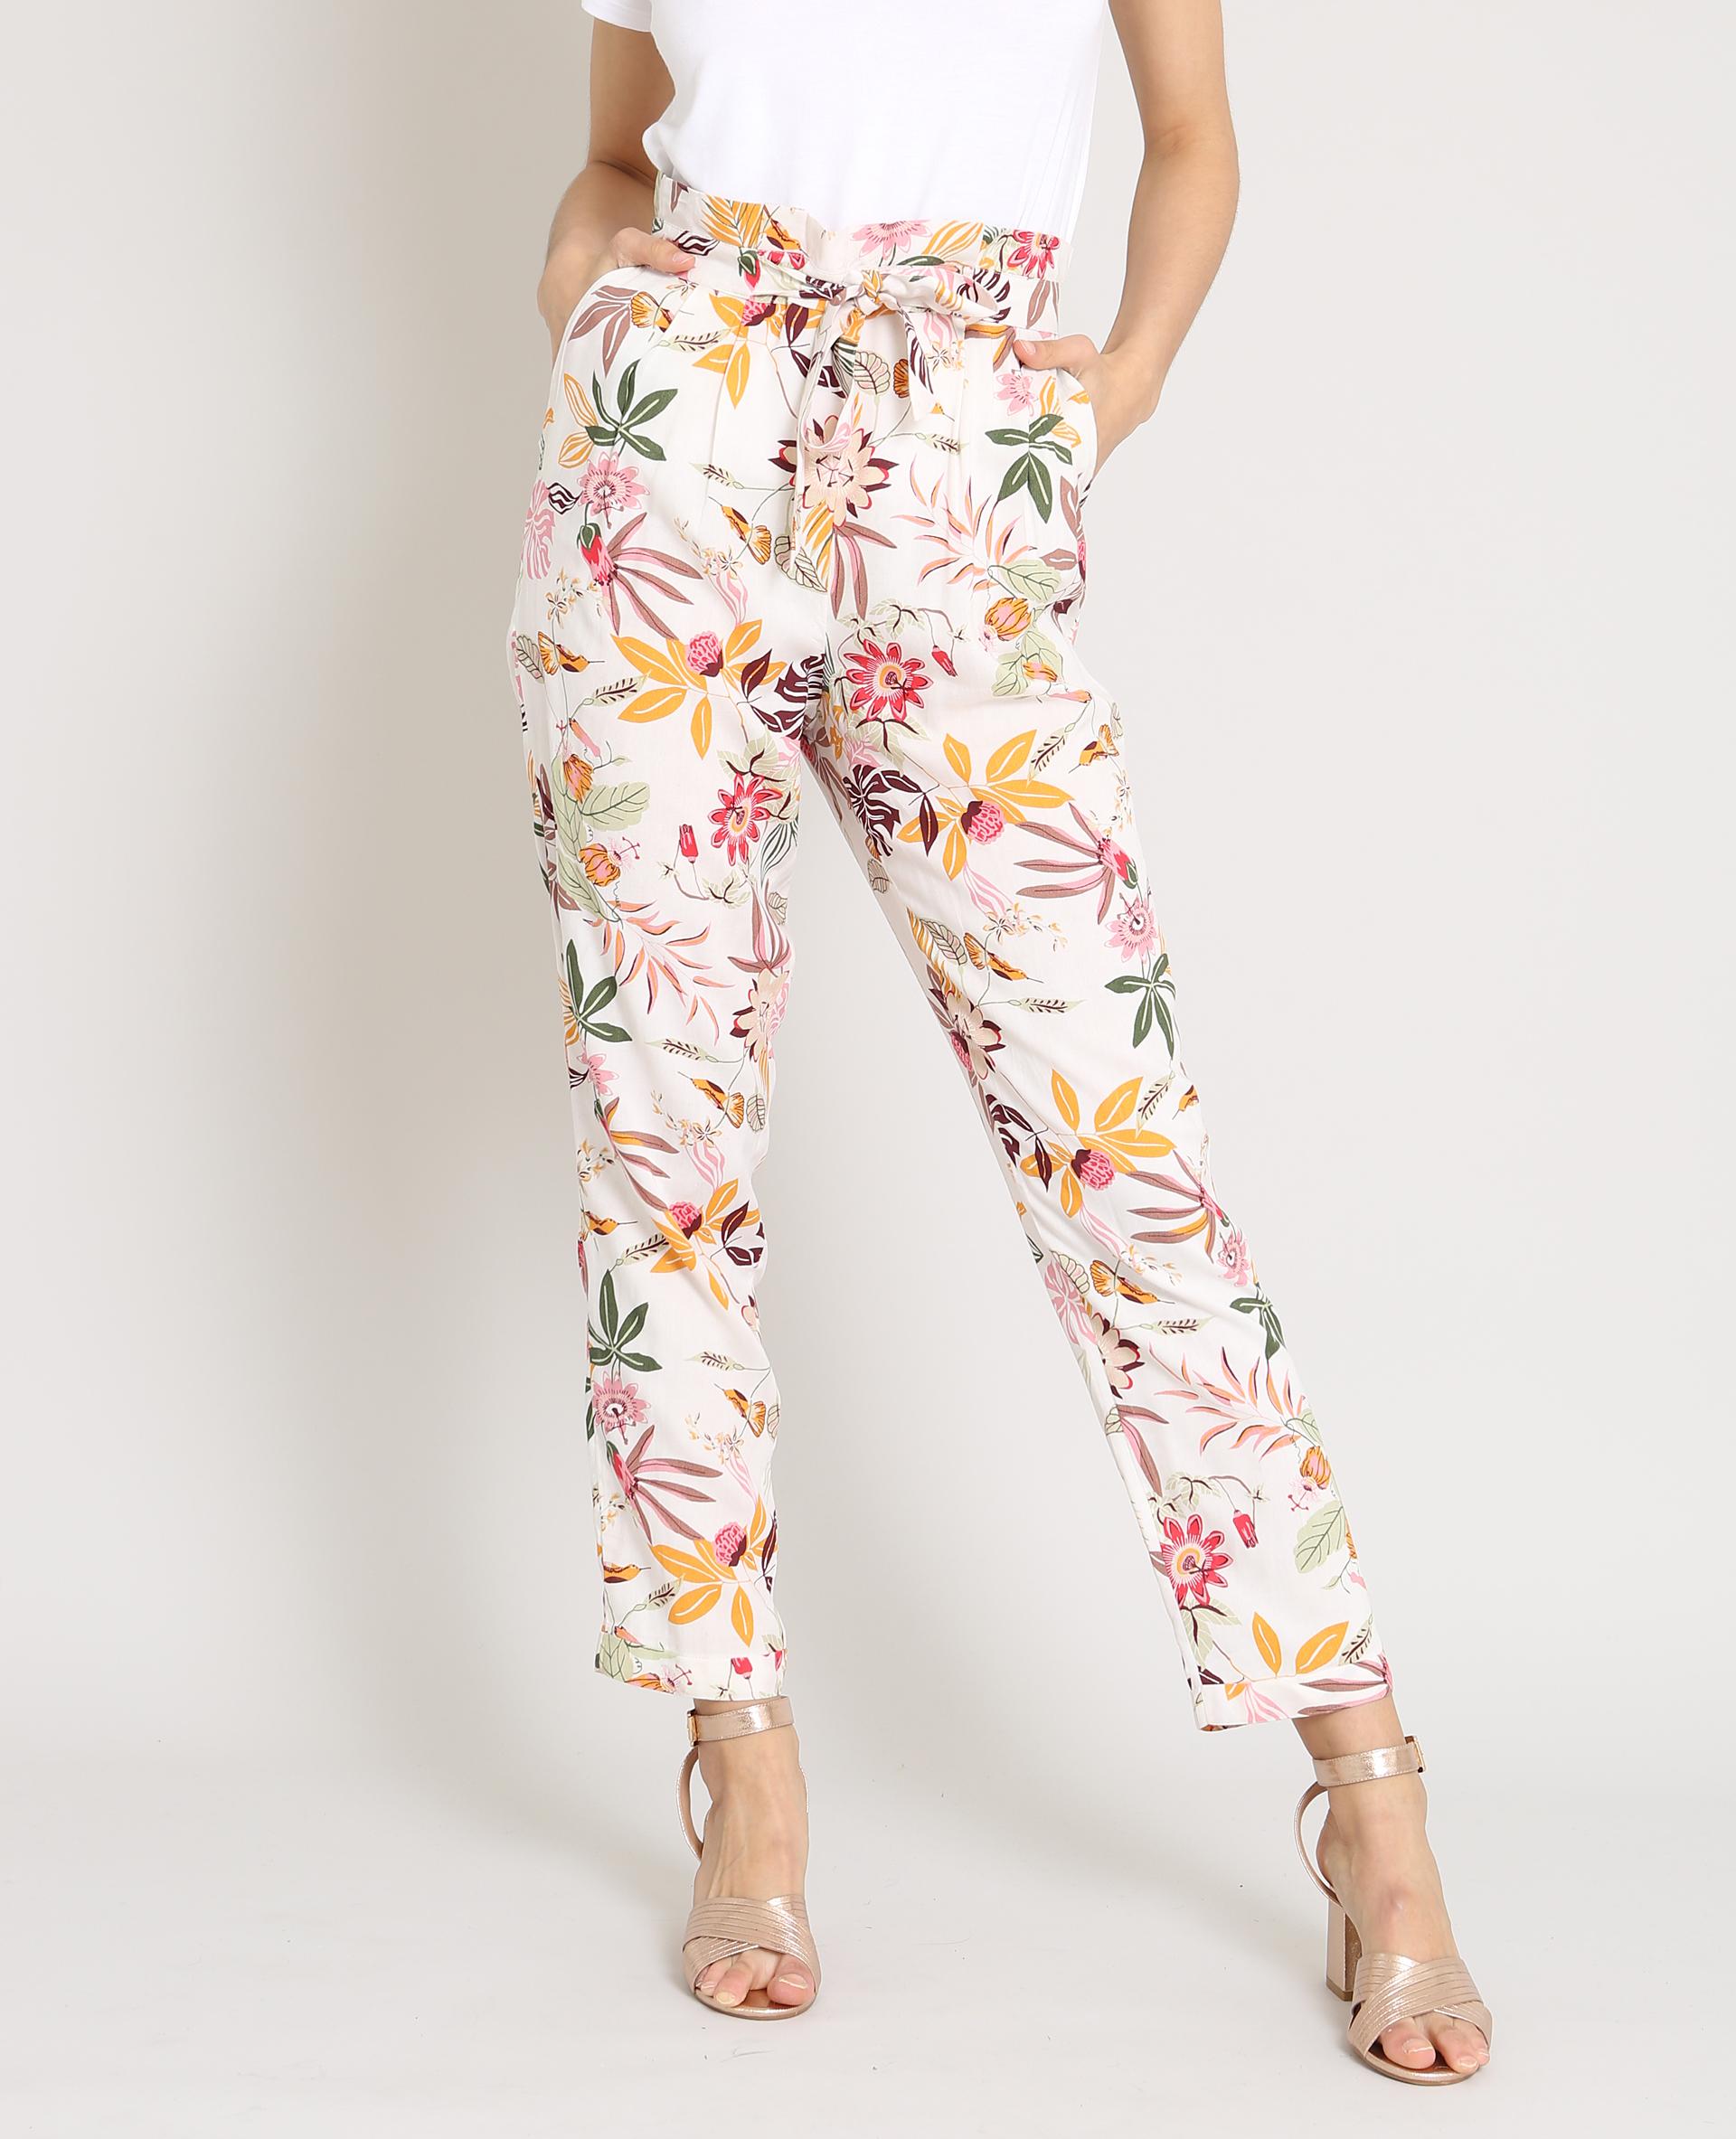 Pimkie Pantalon fluide imprimé fleur blanc